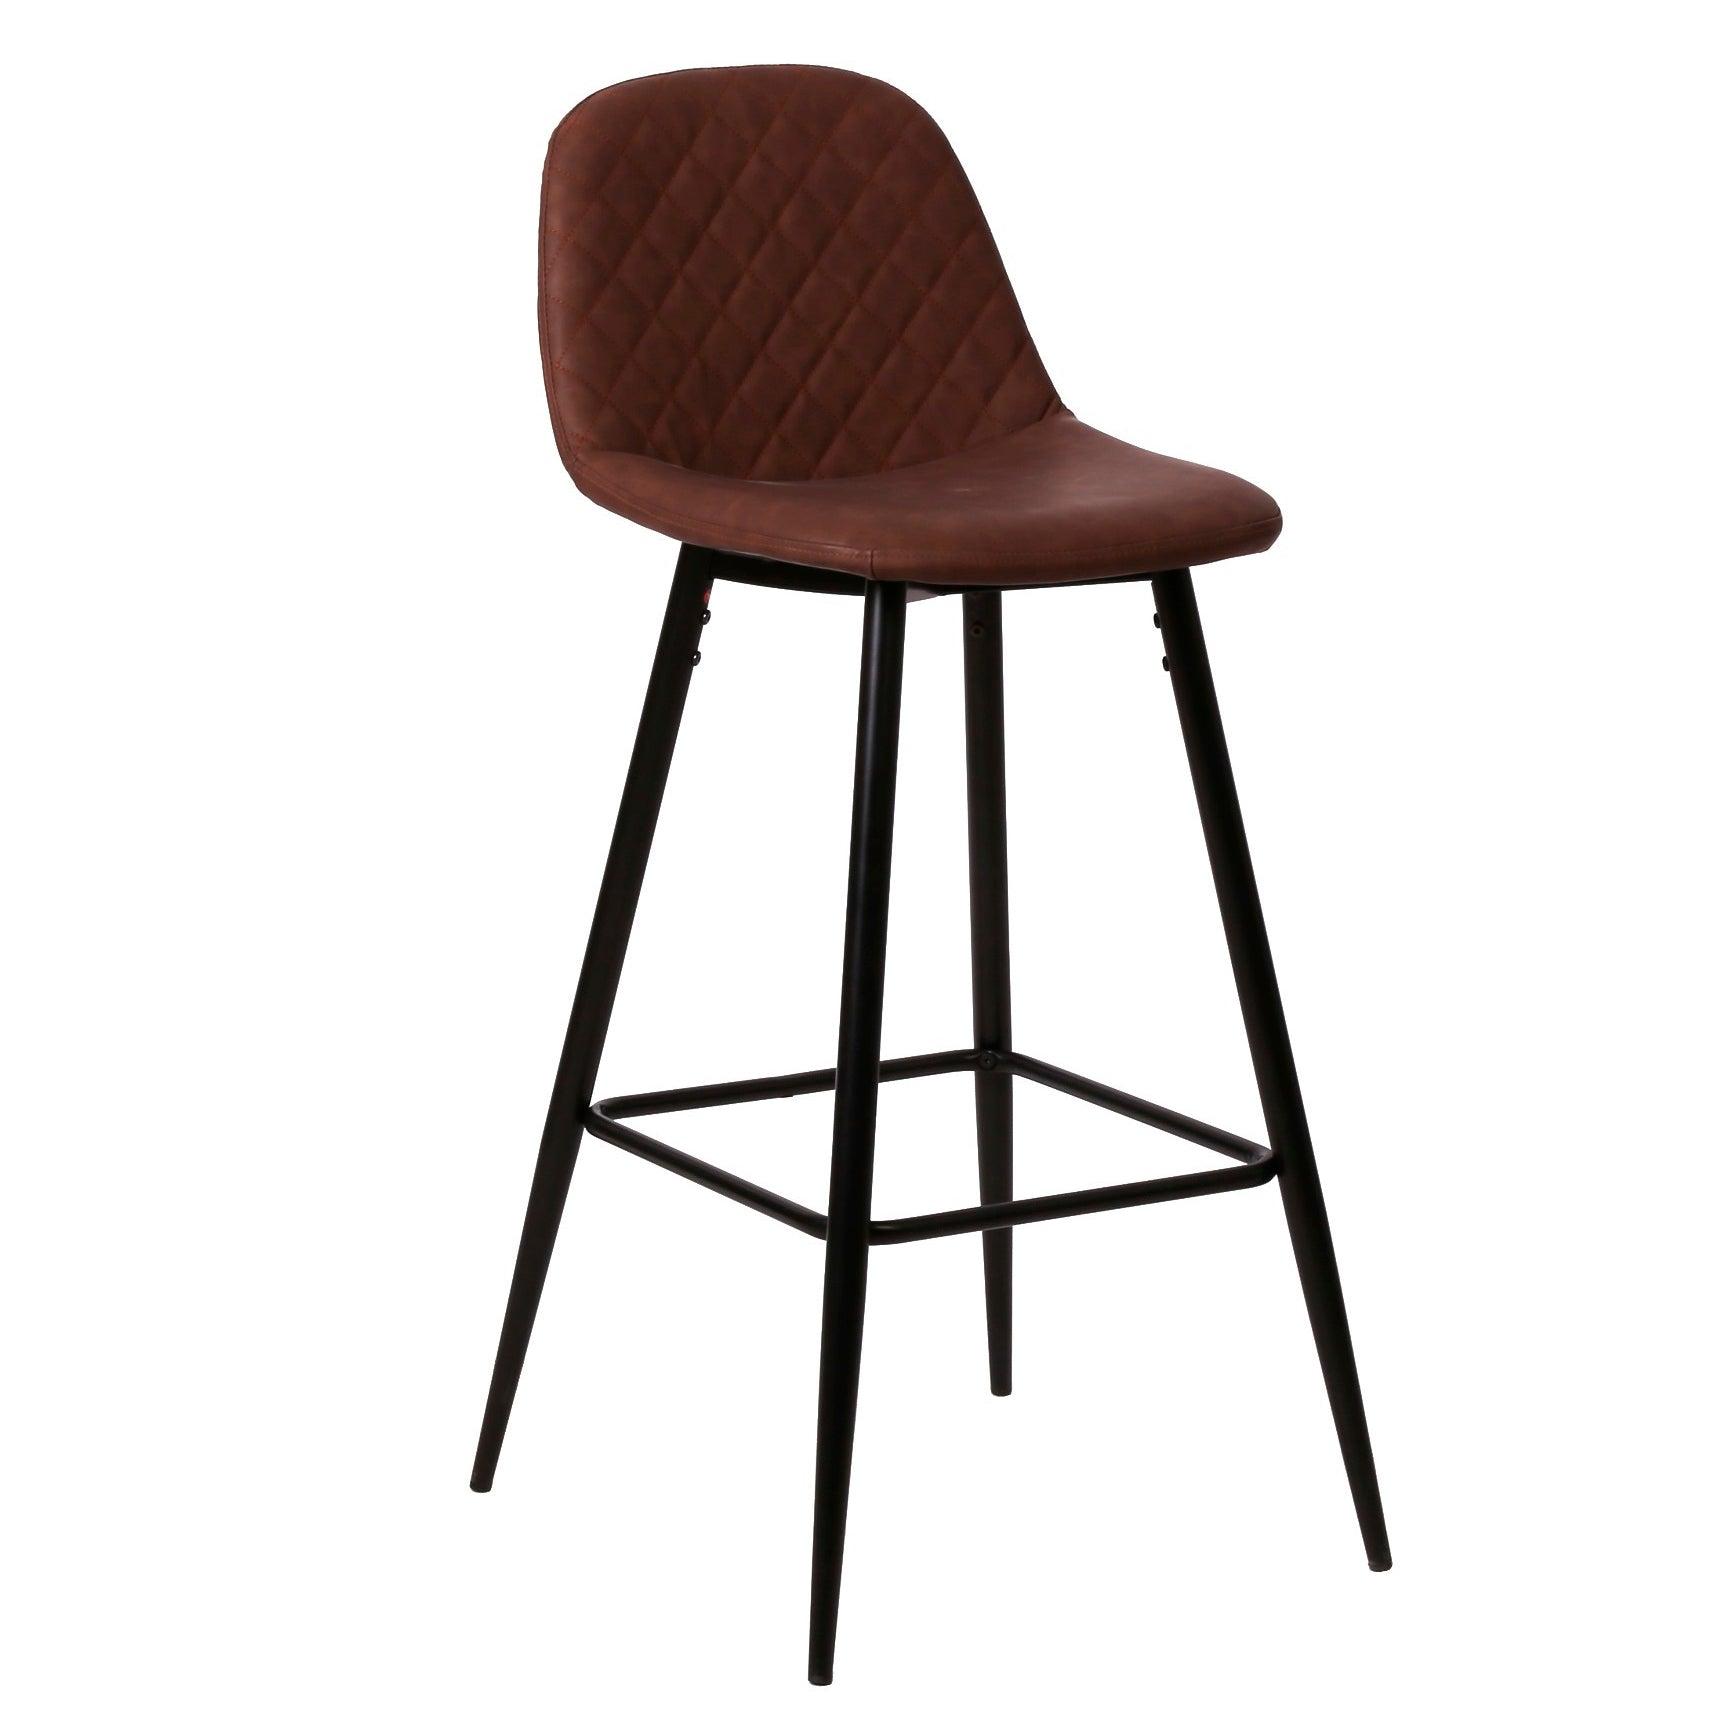 Nimara.dk Elba - Brun kunstlæder barstol 65 cm (Barstol til køkken)